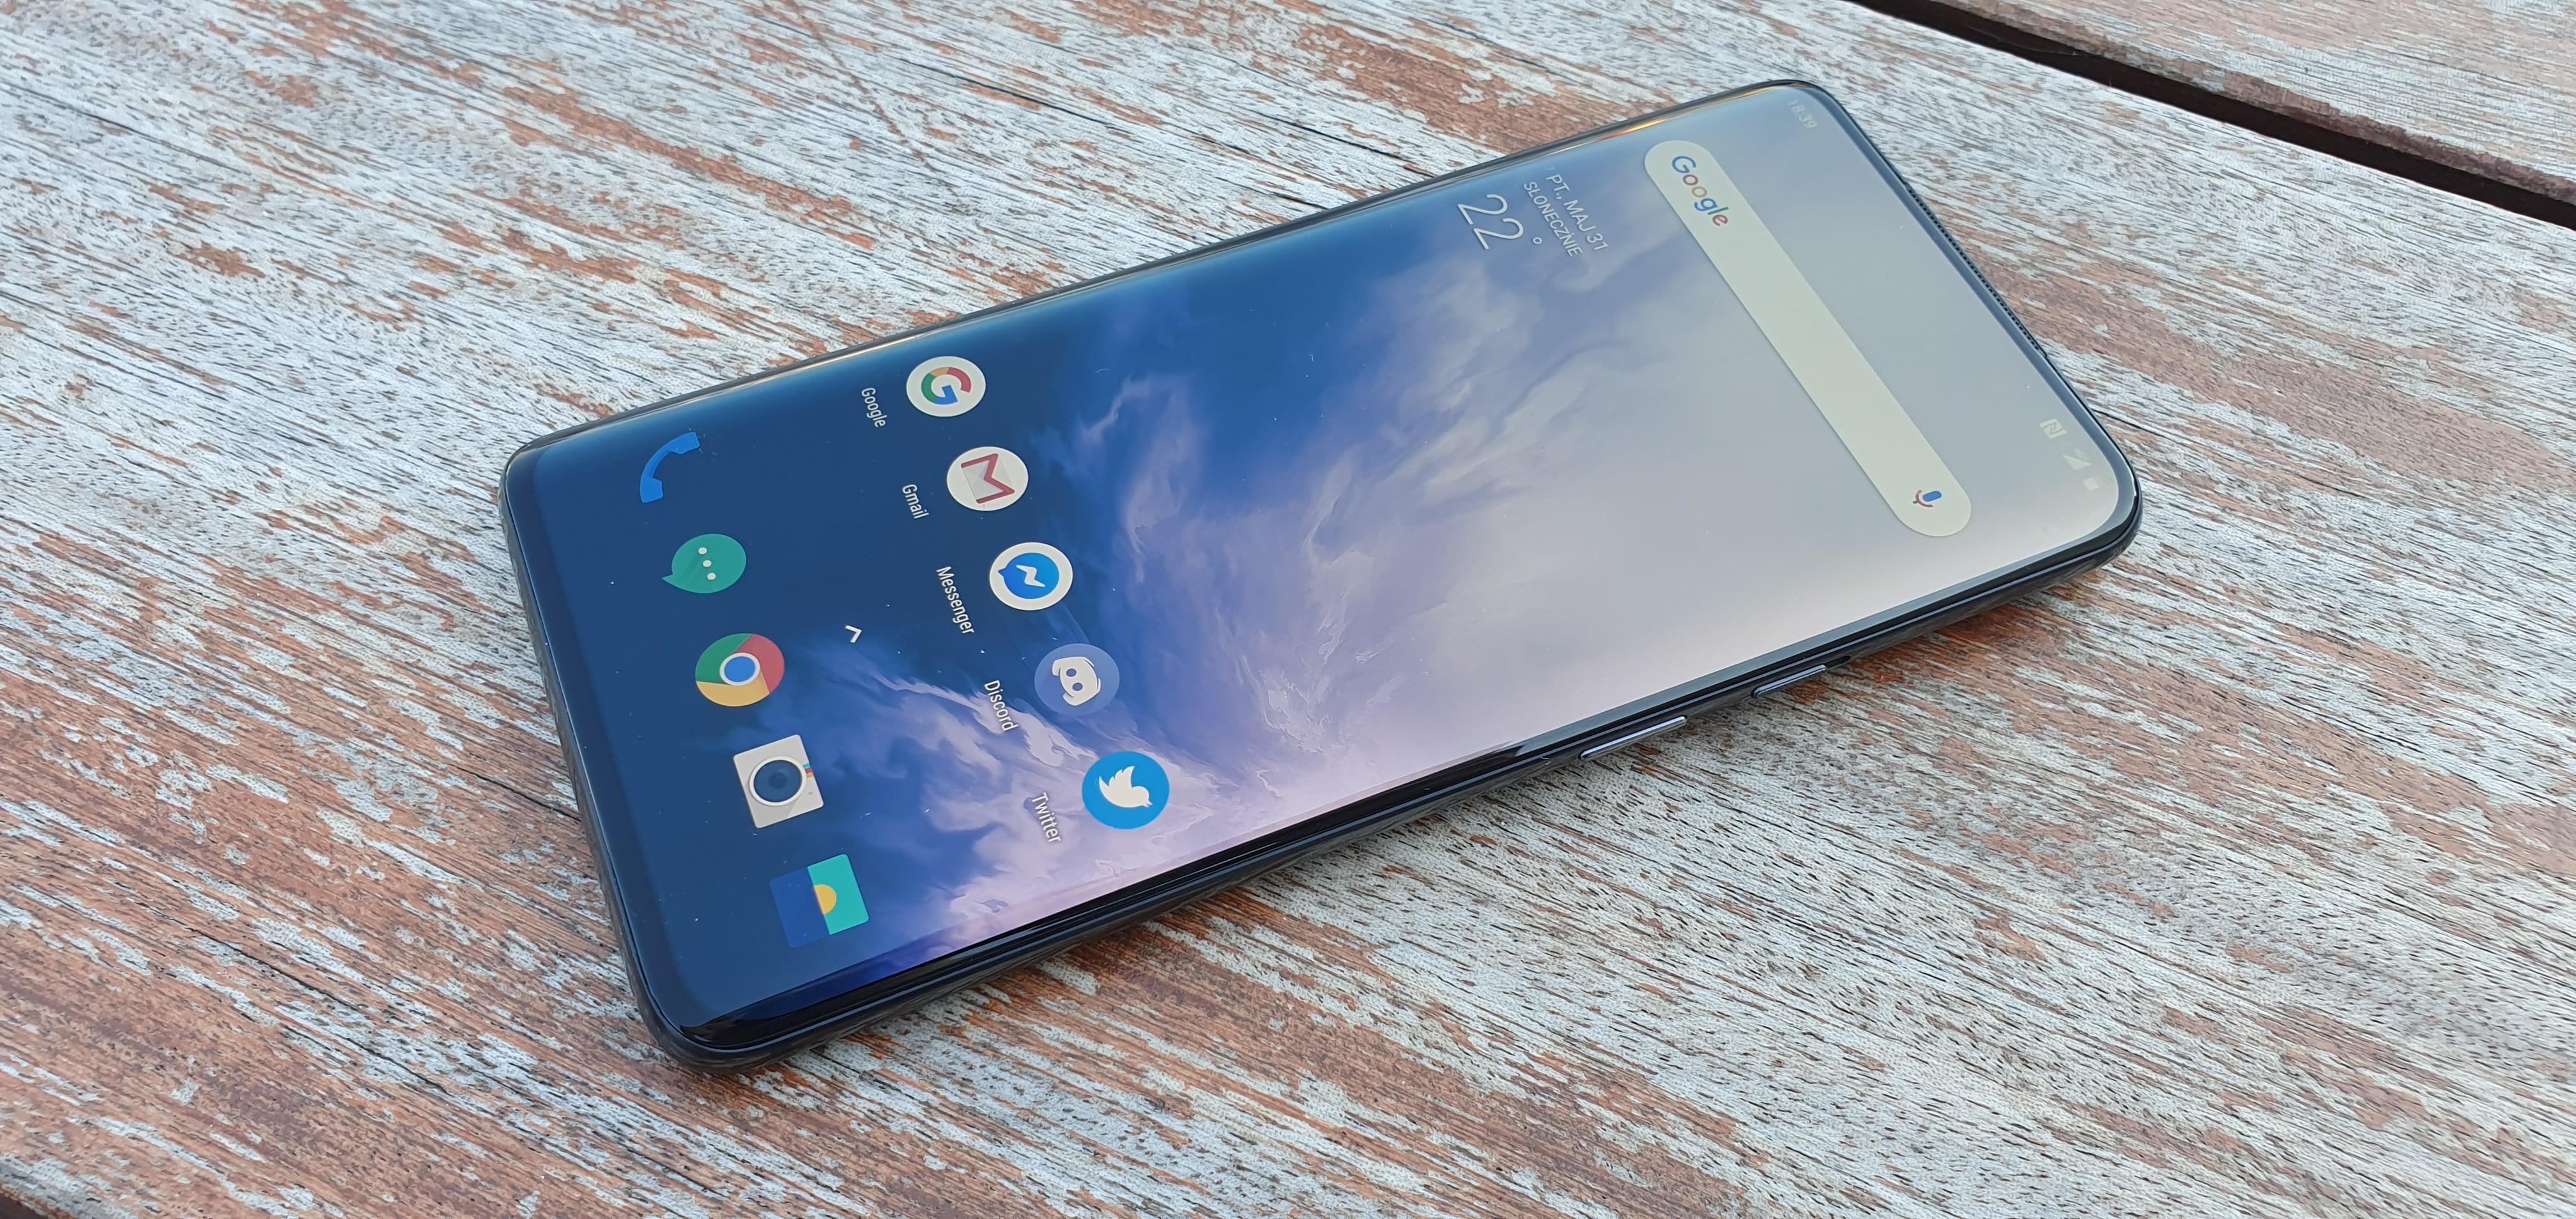 smartfon OnePlus 7 Pro smartphone